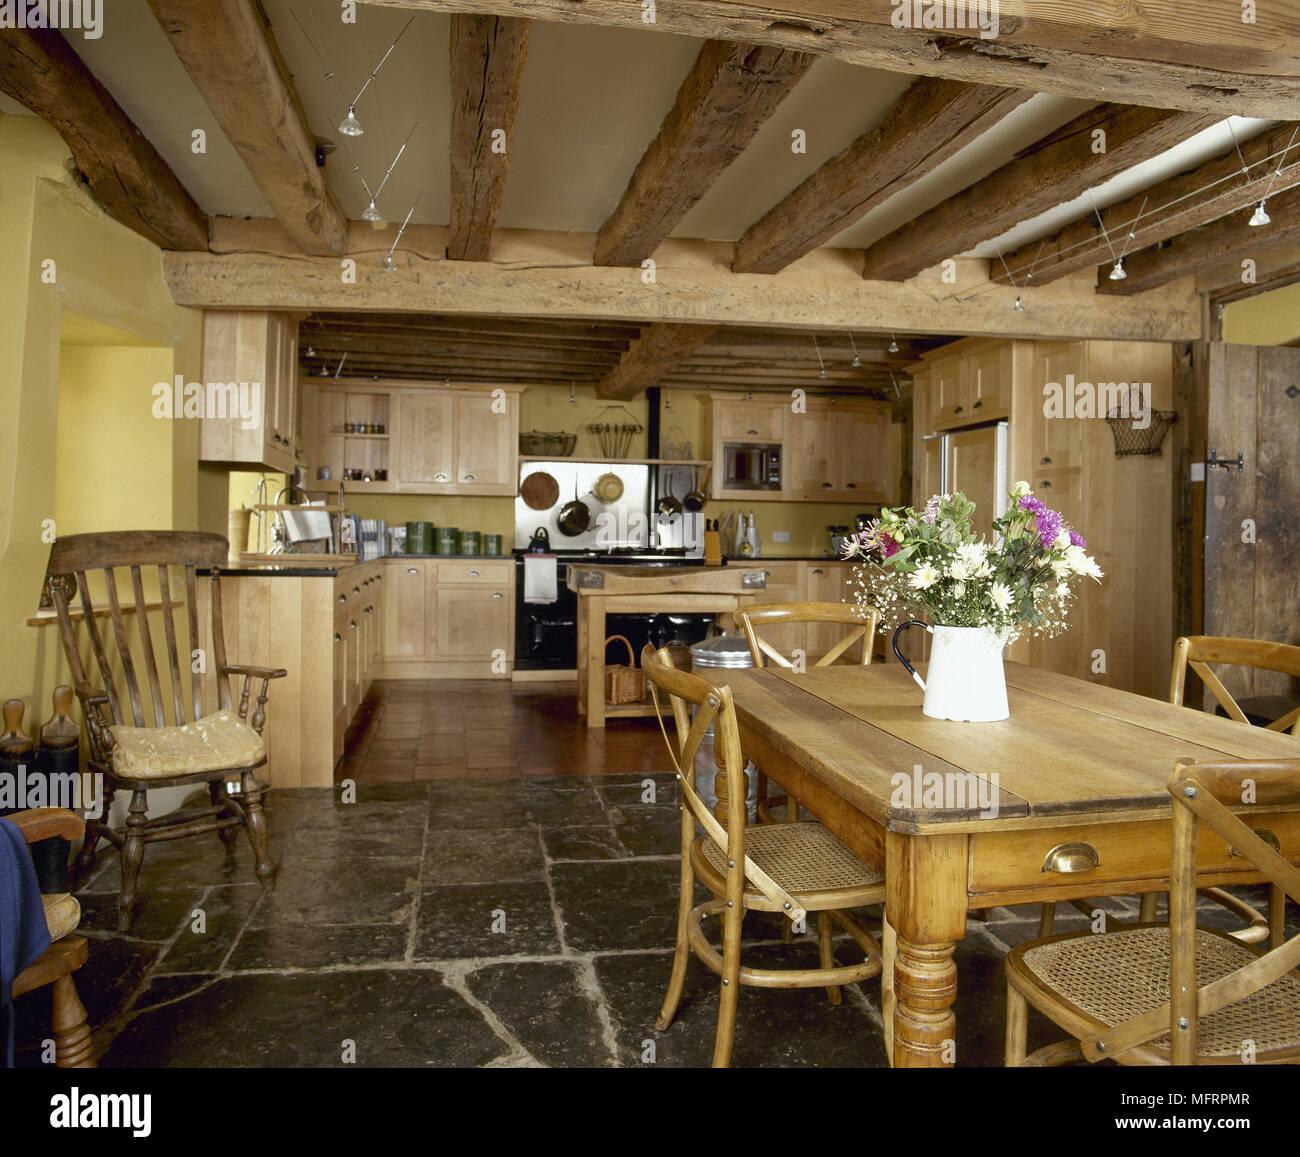 Paese, giallo la cucina e sala da pranzo con soffitto con travi a ...